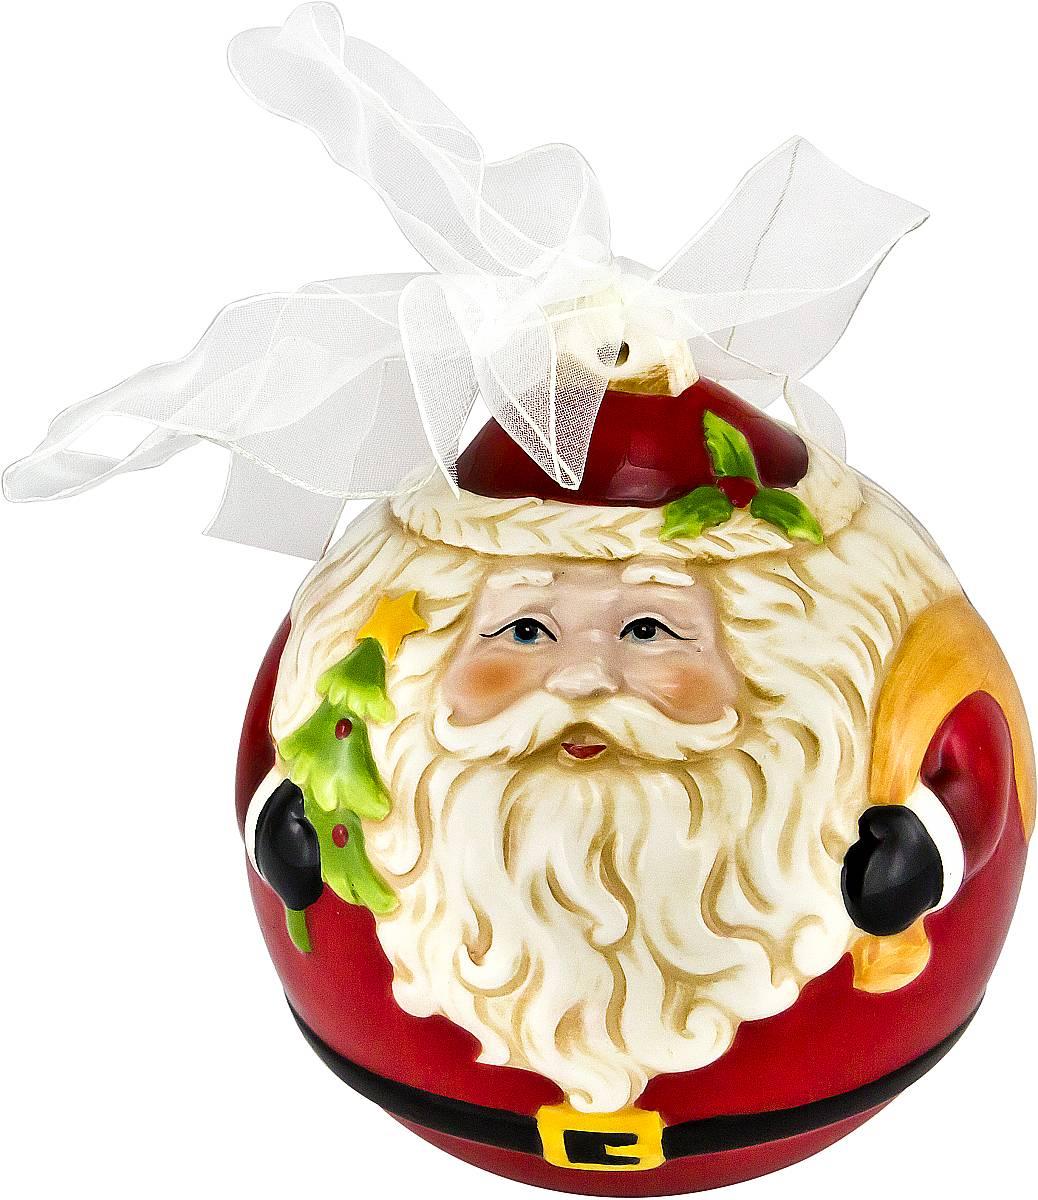 Украшение новогоднее подвесное Mister Christmas Дед Мороз, длина 13,5 см175829Новогоднее подвесное украшение Mister Christmas Дед Мороз прекрасно подойдет для праздничного декора новогодней ели. Украшение выполнено из керамики. Для удобного размещения на елке предусмотрена петелька в виде ленты. Елочная игрушка - символ Нового года. Она несет в себе волшебство и красоту праздника. Создайте в своем доме атмосферу веселья и радости, украшая новогоднюю елку нарядными игрушками, которые будут из года в год накапливать теплоту воспоминаний.